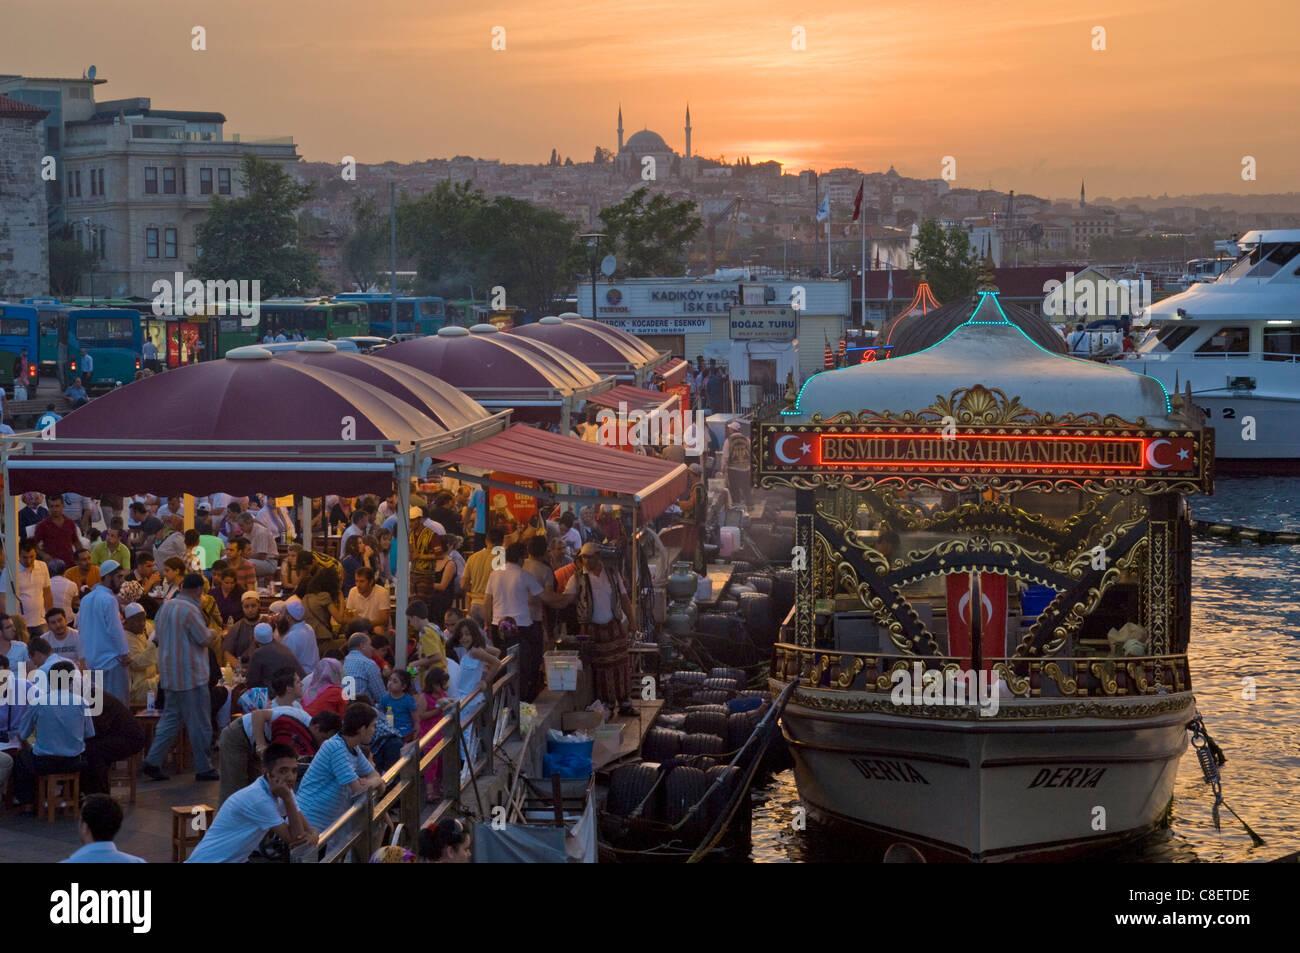 Traditionelle Boote, Kochen und Essen, Eminonu, Galeta Brücke, Istanbul, Türkei zu verkaufen Stockbild